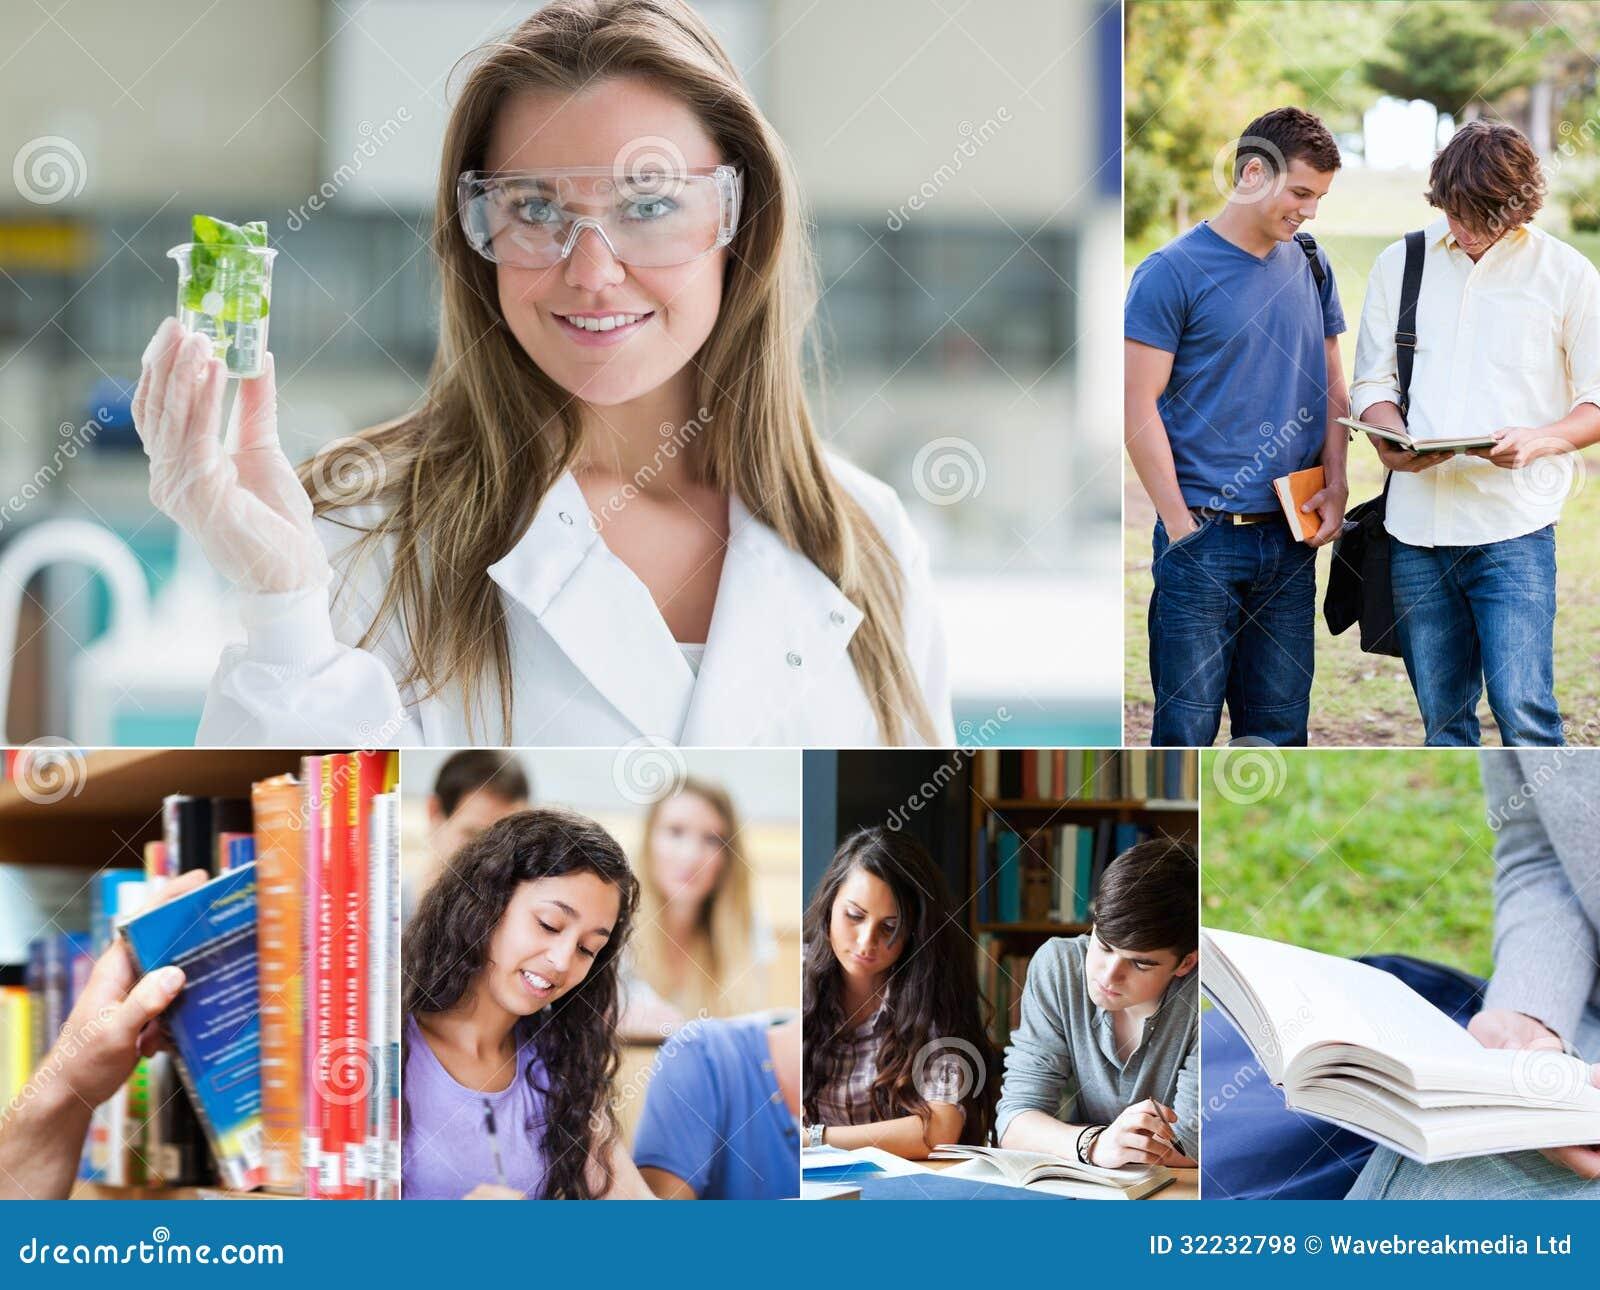 Collage av bilder med olika studenter